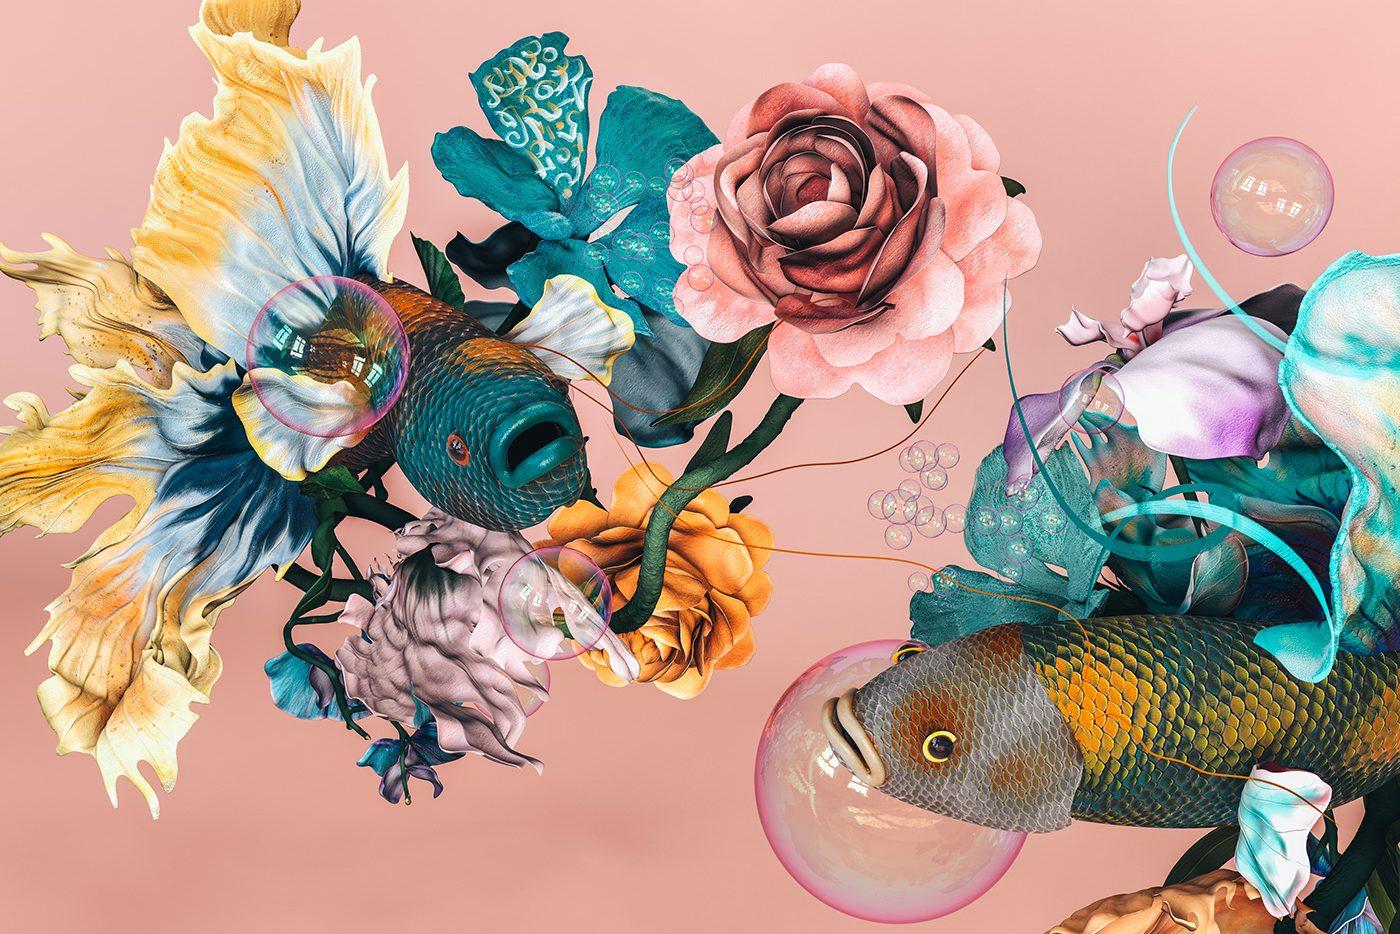 Par bettafisk med blomster